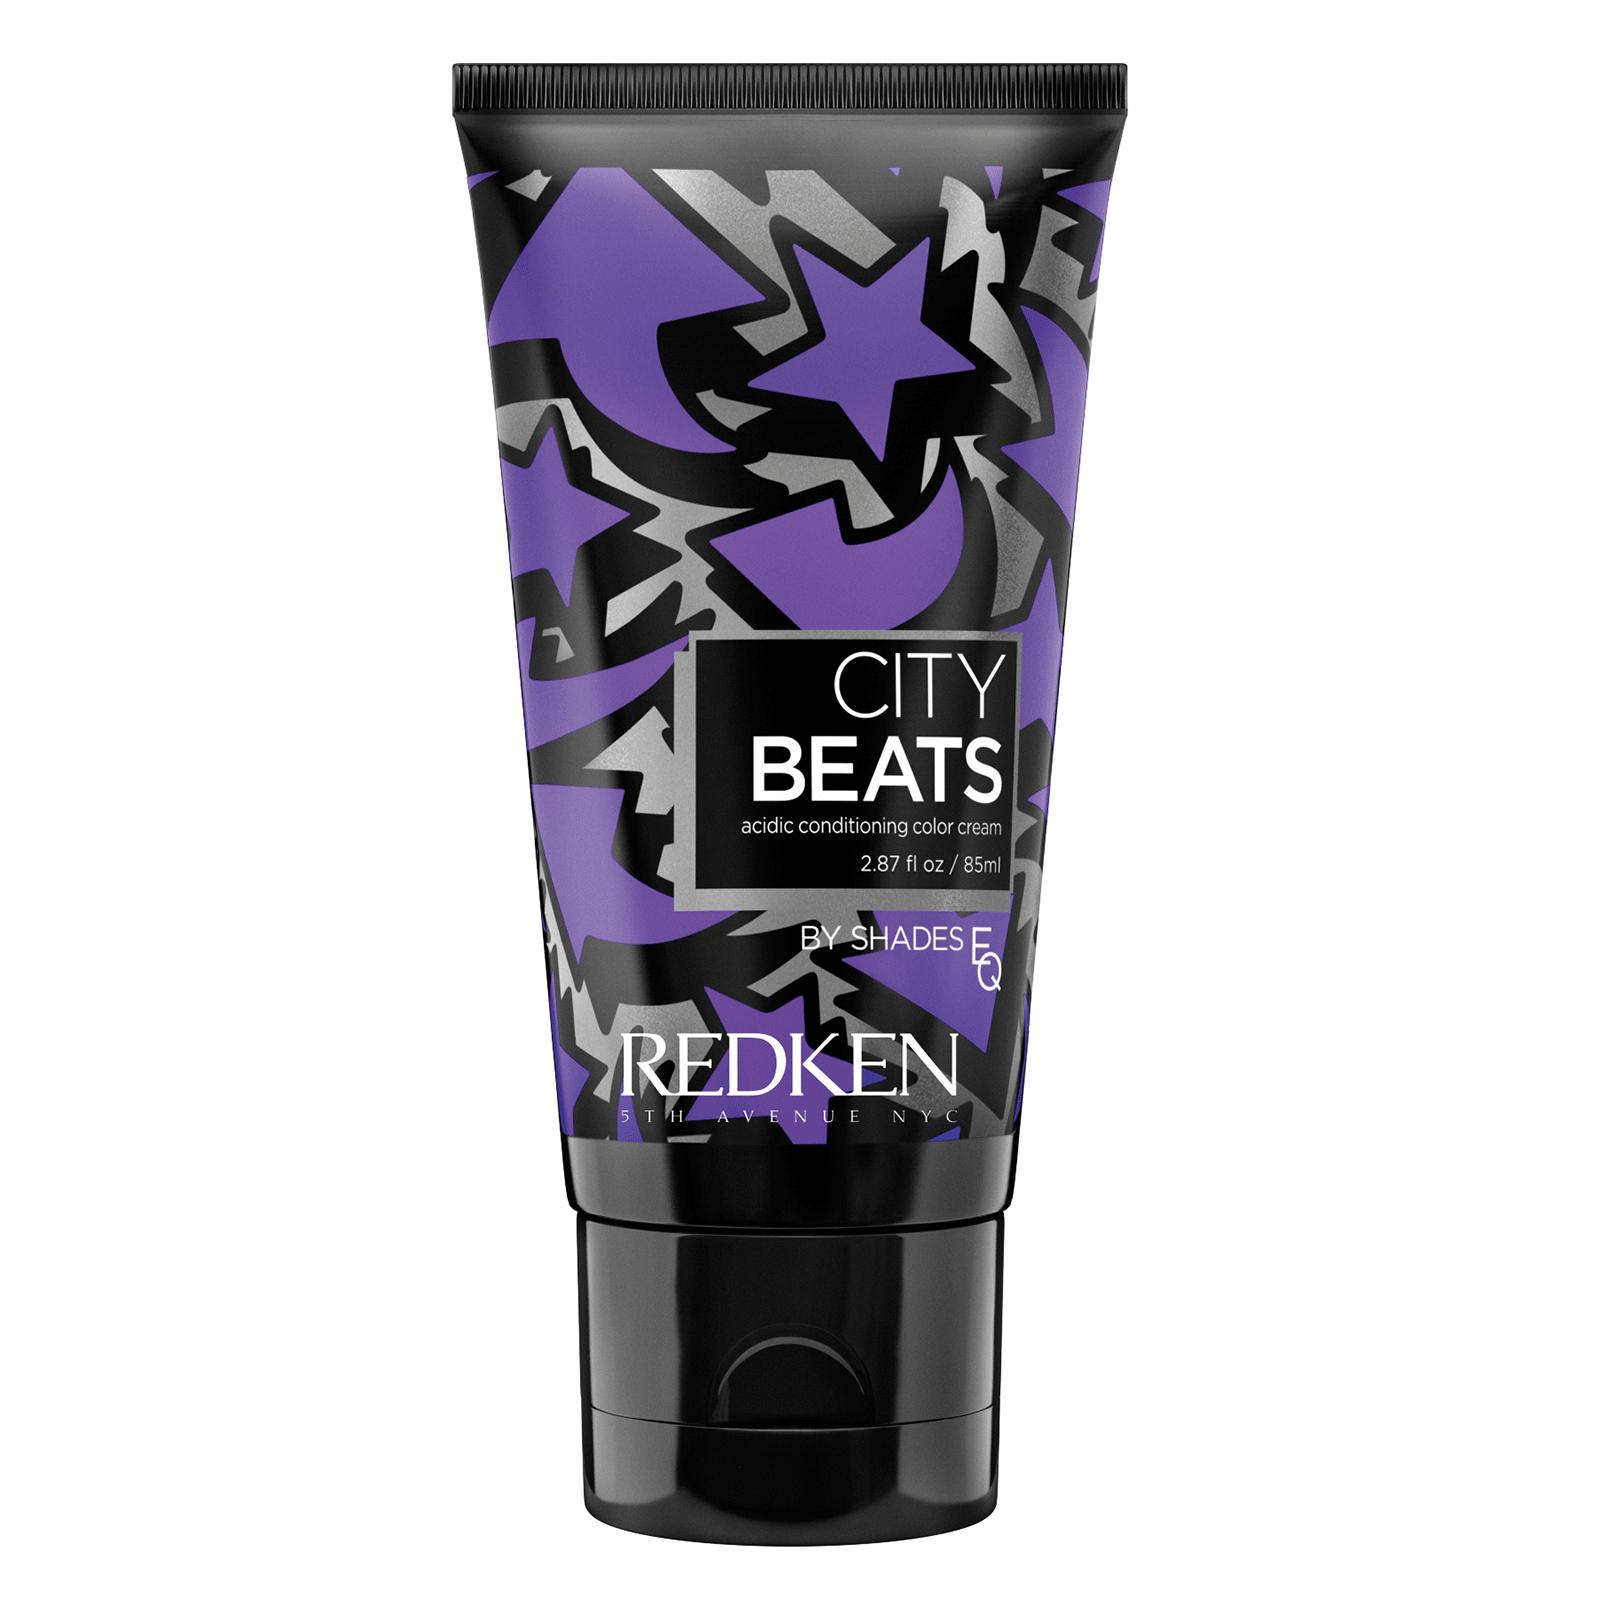 REDKEN Крем с тонирующим эффектом для волос Черничные ночи в Ист-Виллидж (фиолетовый) / CITY BEATS 85 мл